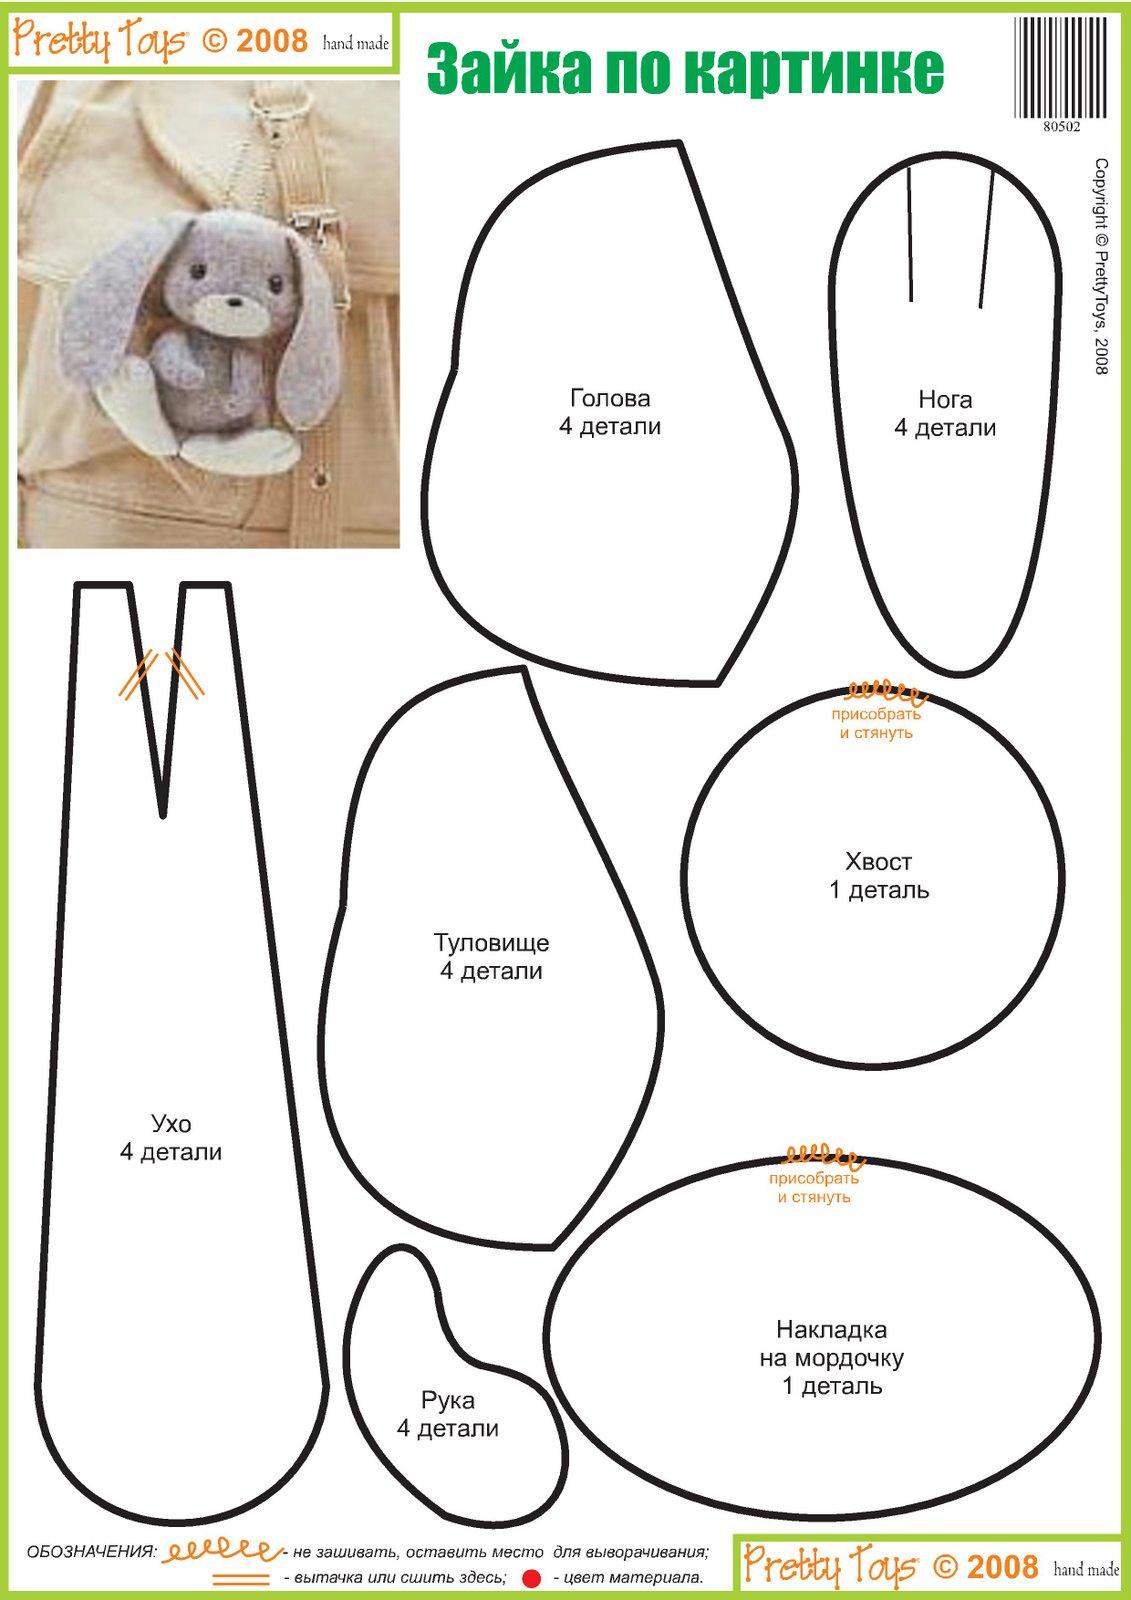 Как своими руками сшить зайца